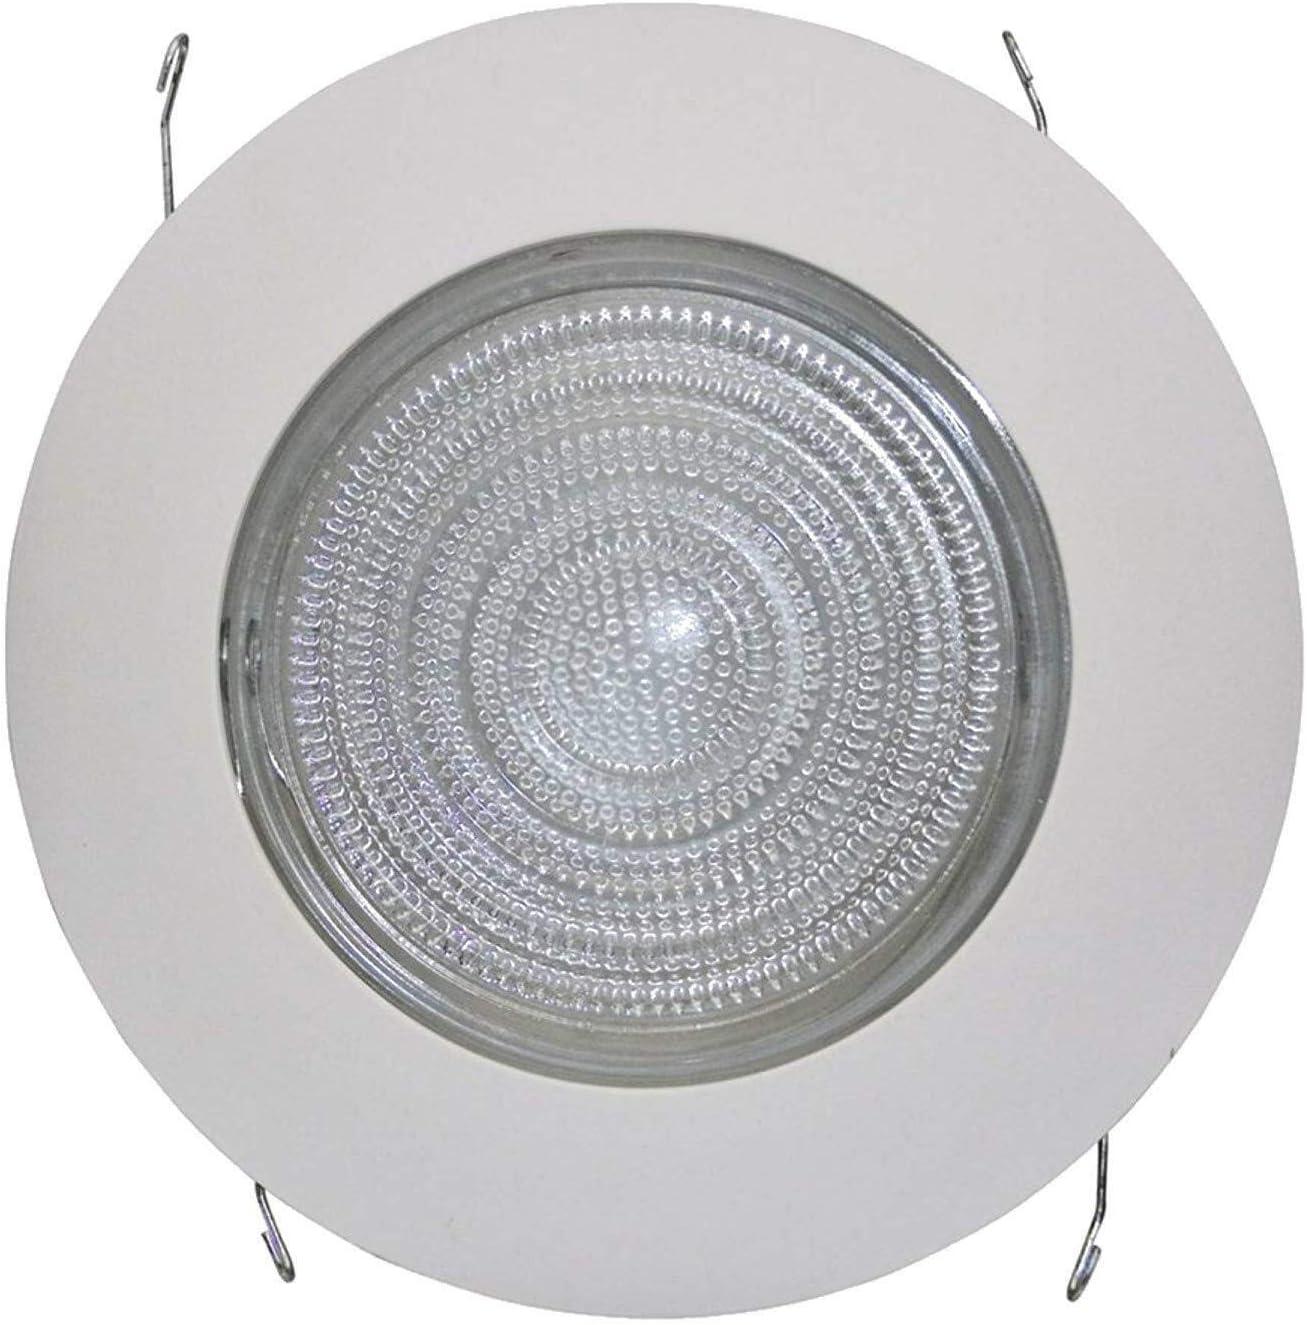 Four-Bros Lighting FLP 6 Inch Fresnel Glass Lens with White Plastic Trim-60 Watt Max -for Wet Locations 1 Pack